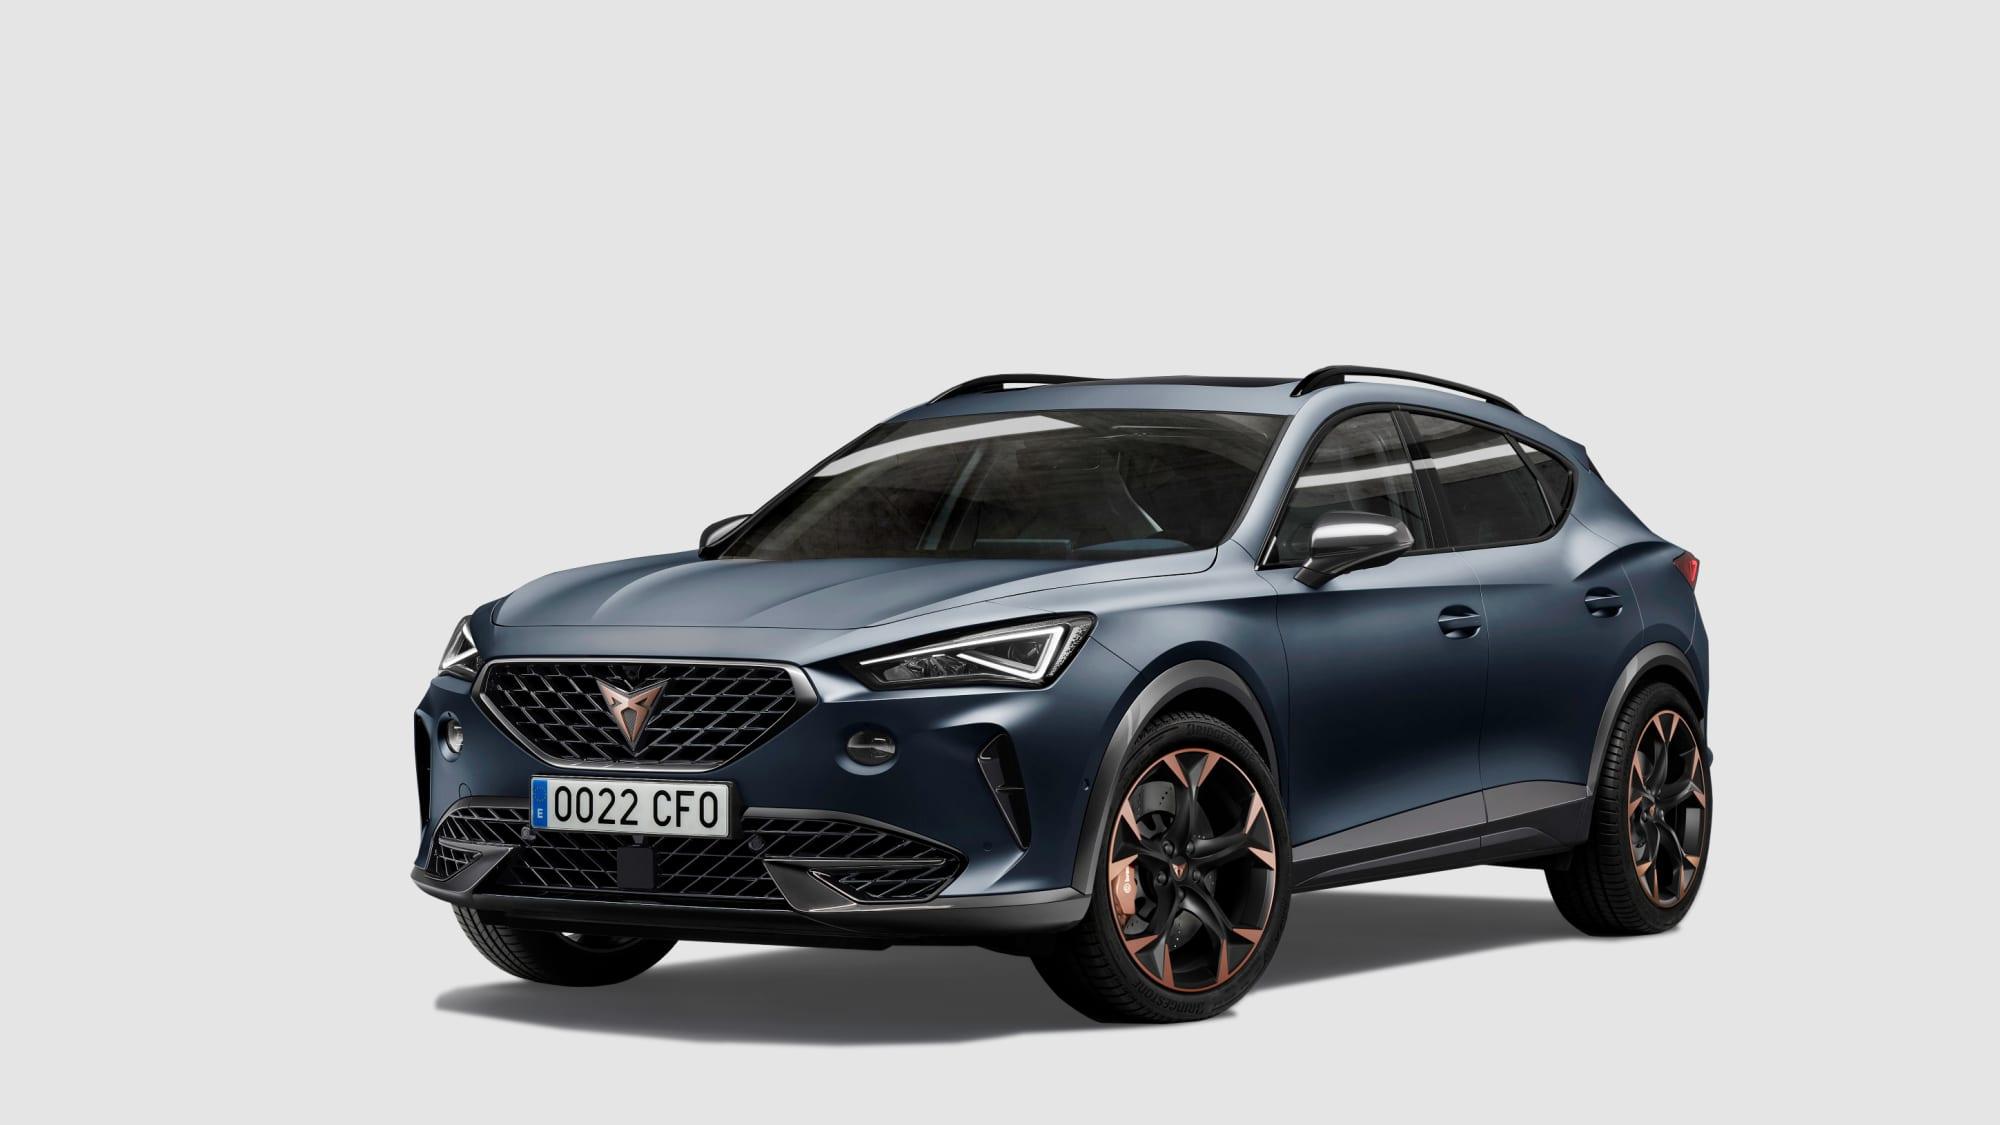 Formentor heisst das erste eigenstänige Modell der sportlichen Seat-Marke Cupra